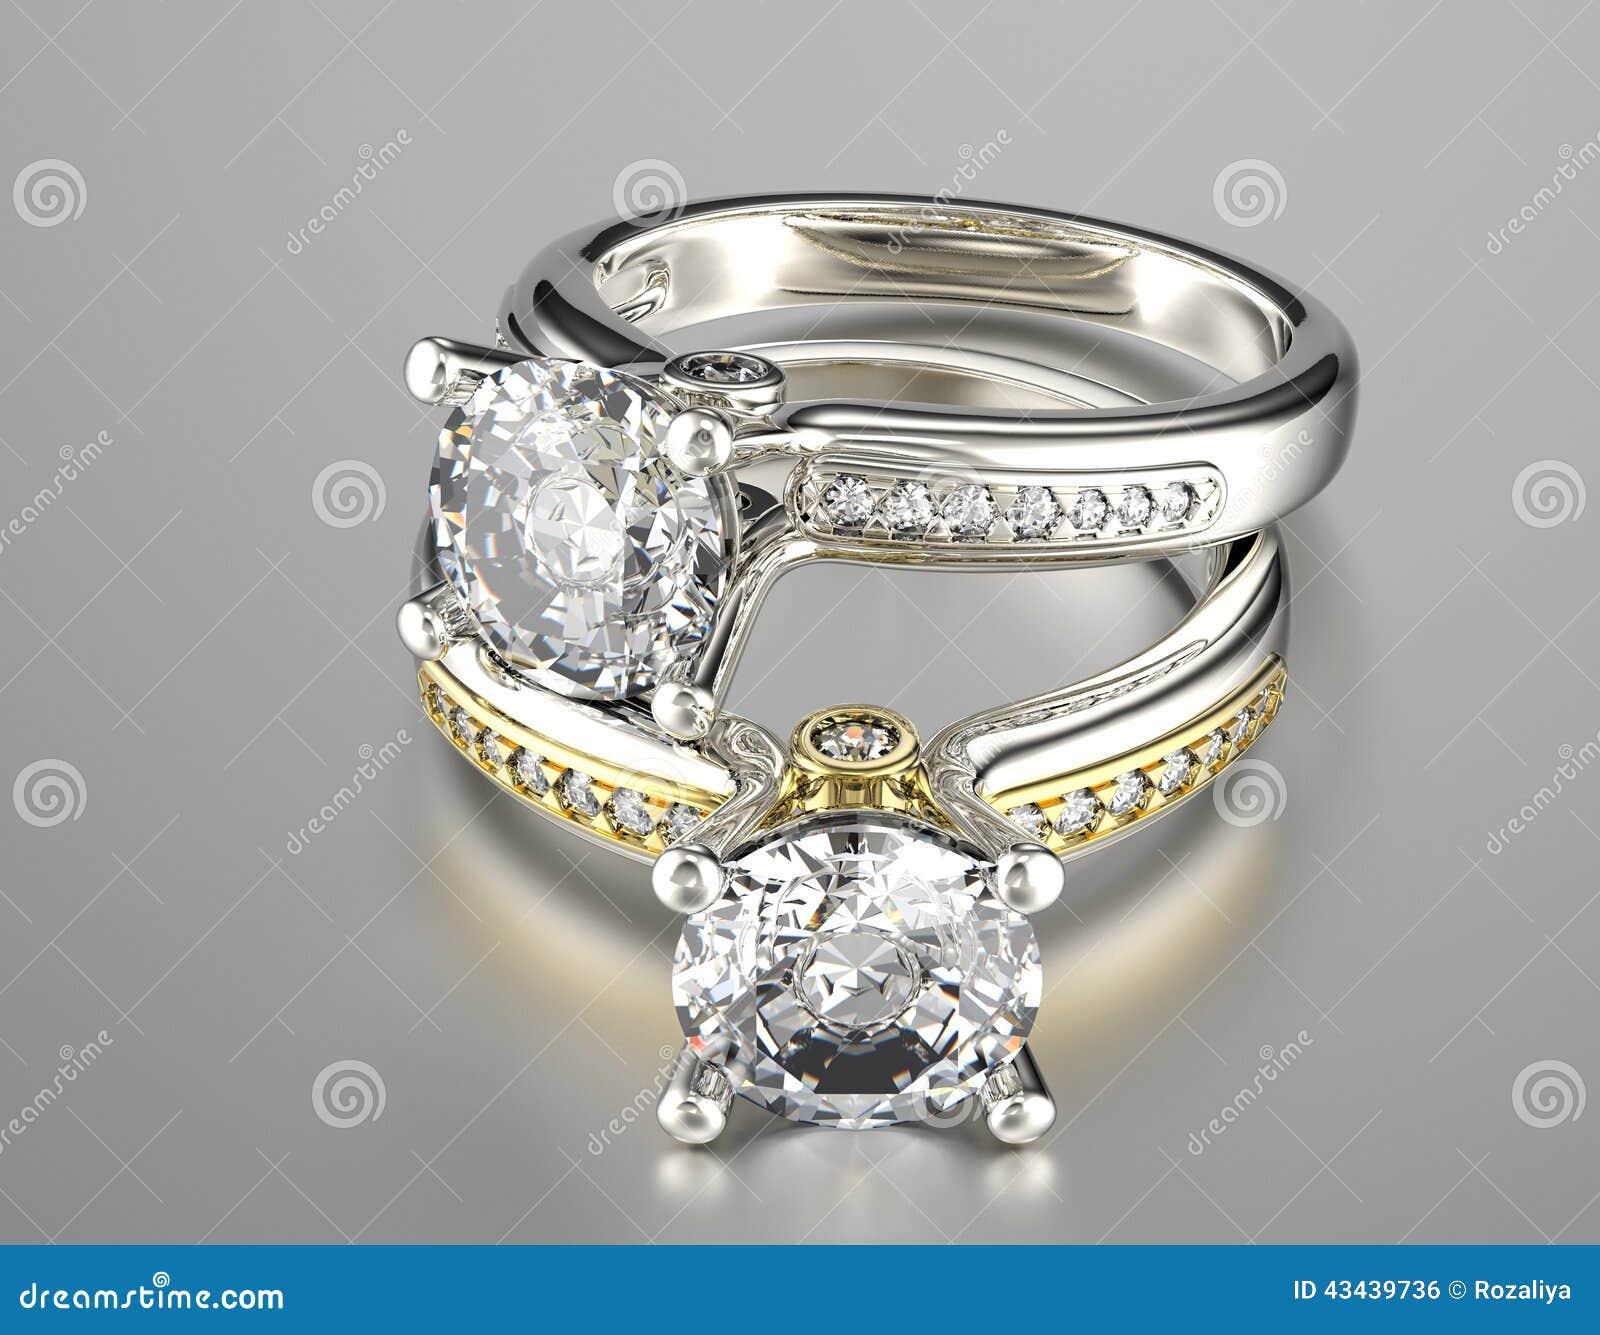 Stockfoto: Hochzeitsring mit Diamanten Gold-und Silber-schwarzer ...